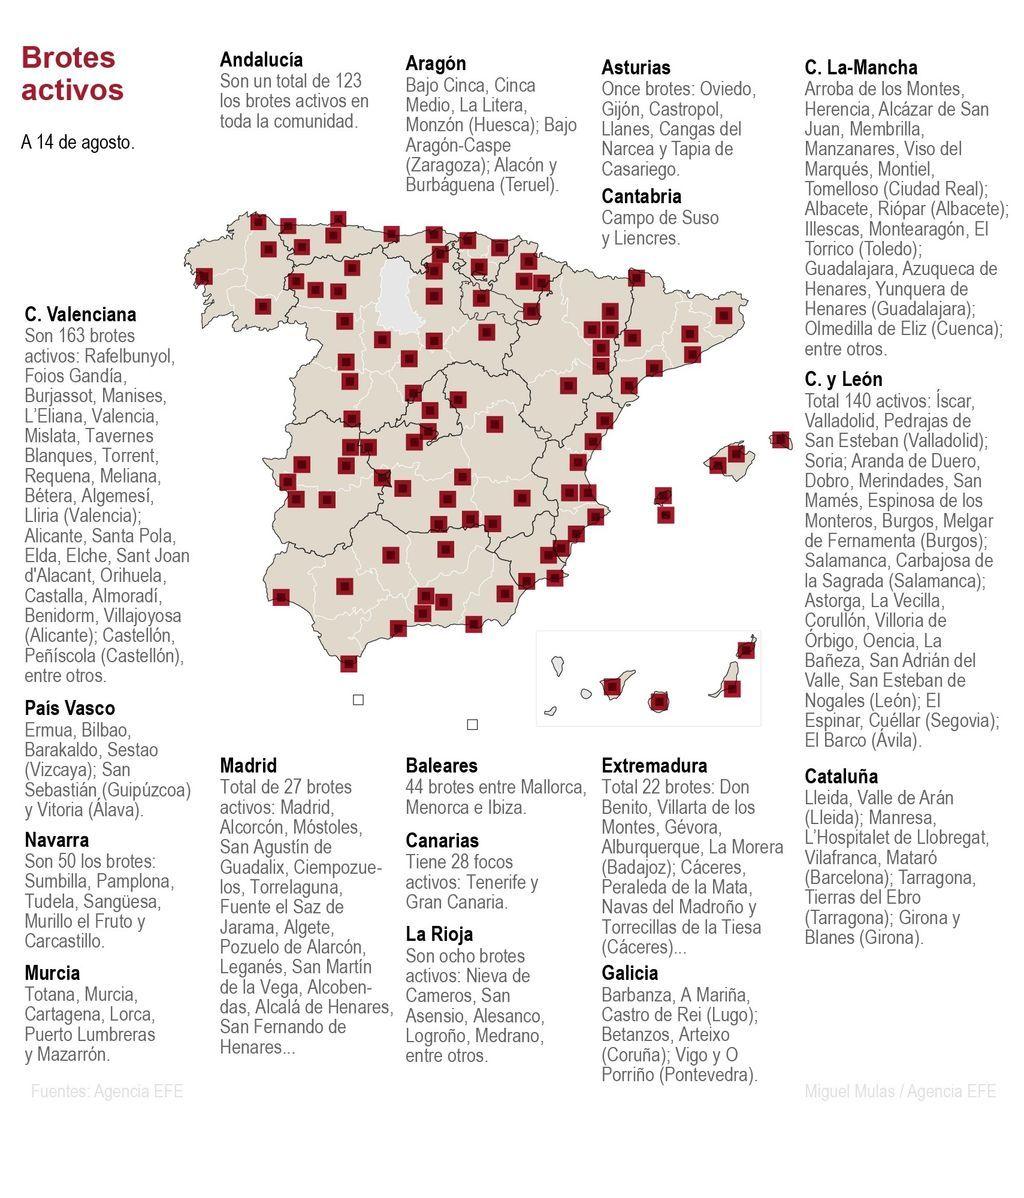 Brotes activos en España: